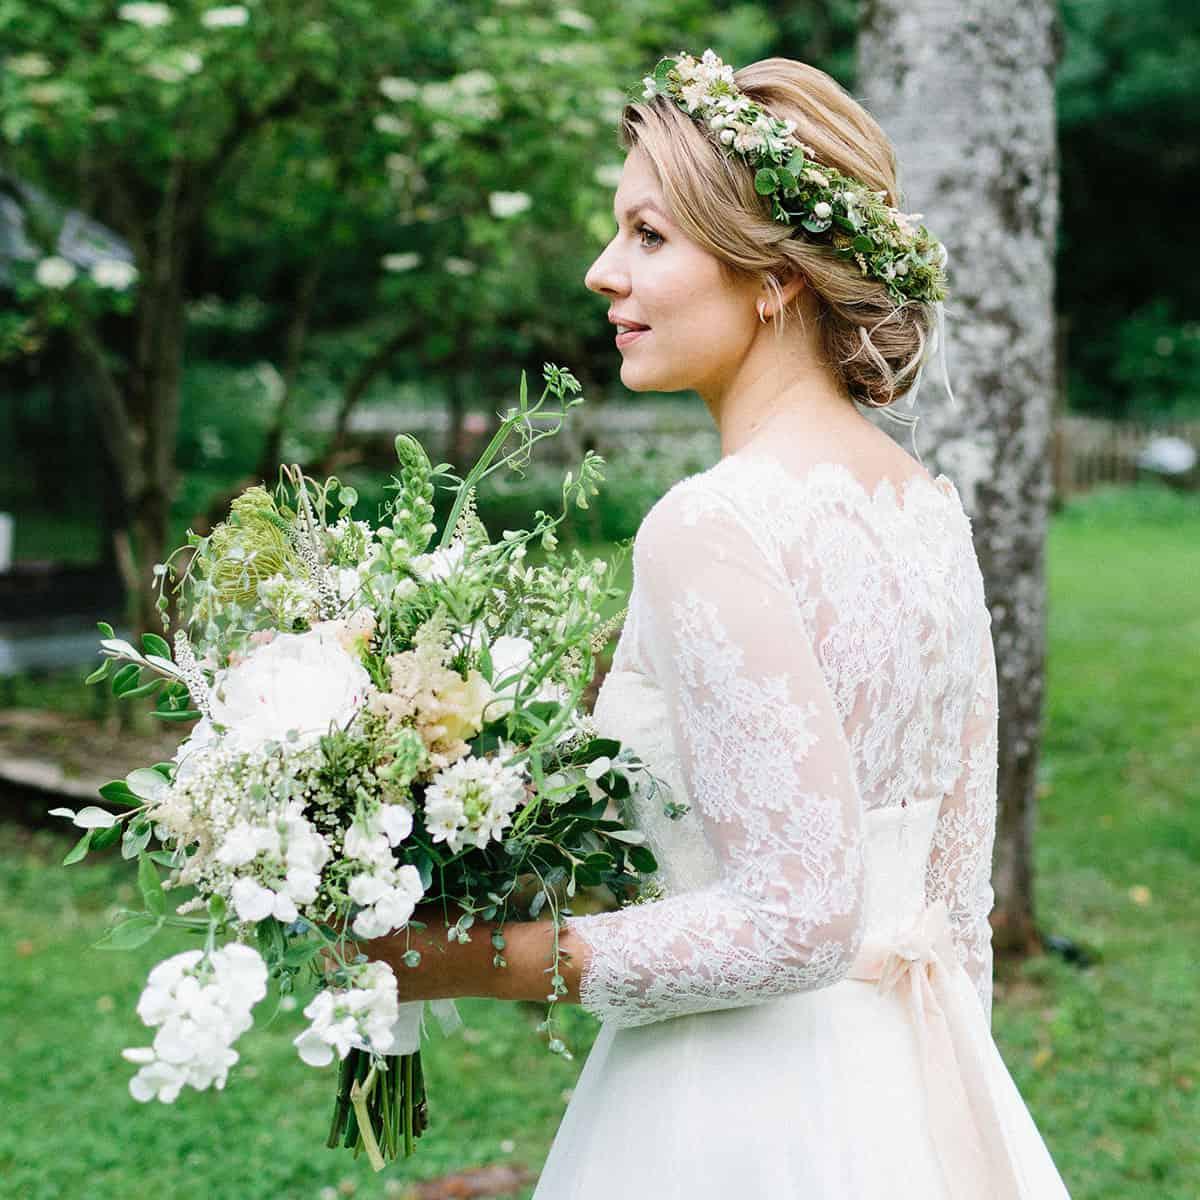 Braut im Spitzenkleid und Seidenschleife trägt Brautfrisur mit Haarkranz